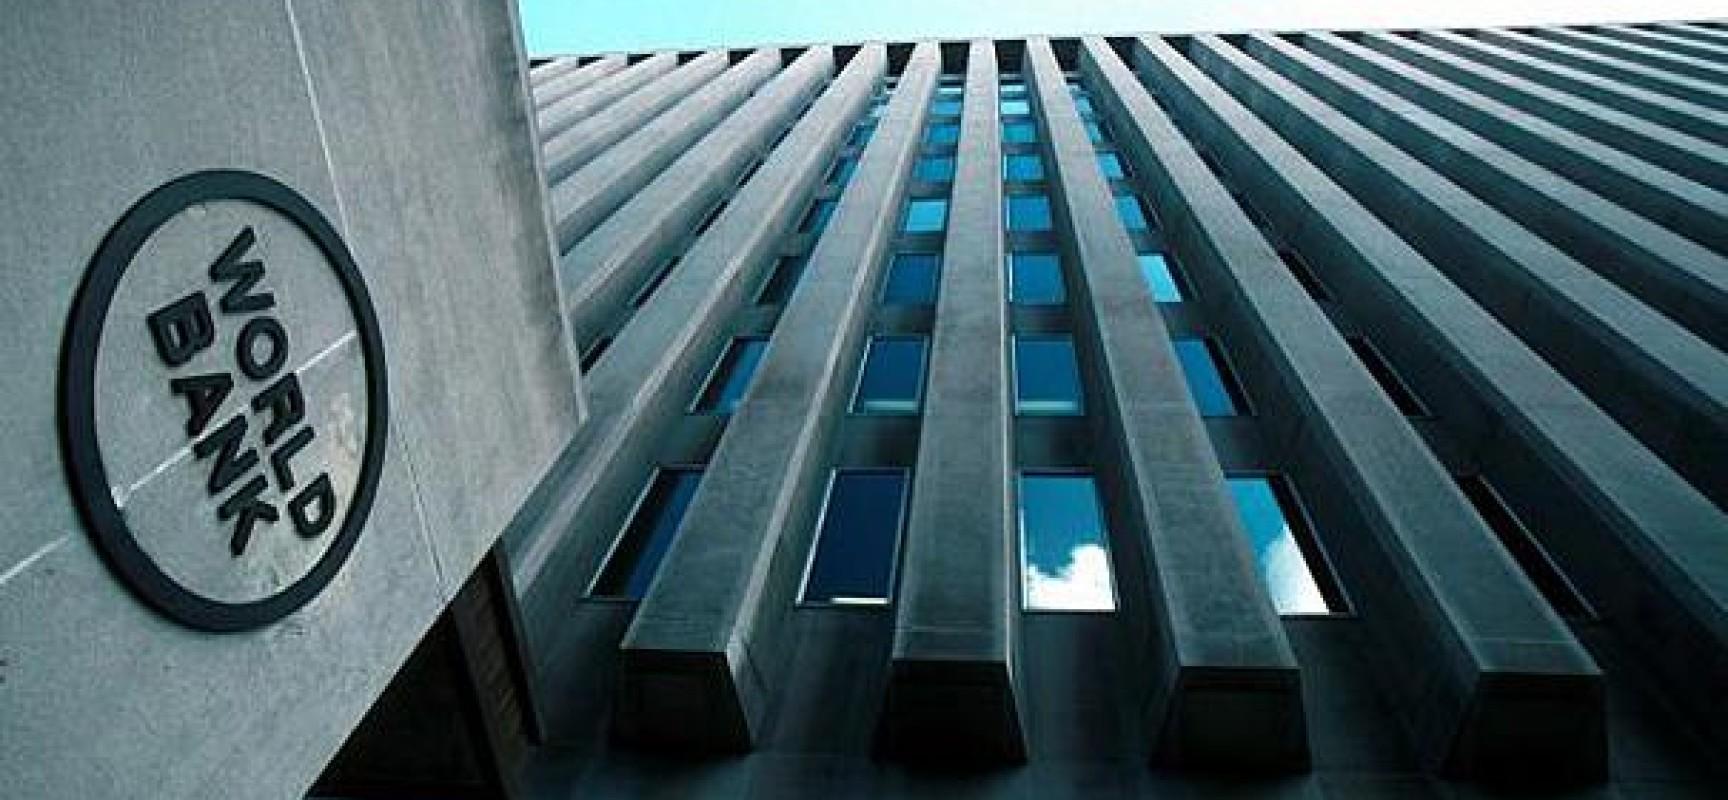 البنك الدولي يكذب تصريحات مساهل بخصوص مناخ الأعمال بالمغرب